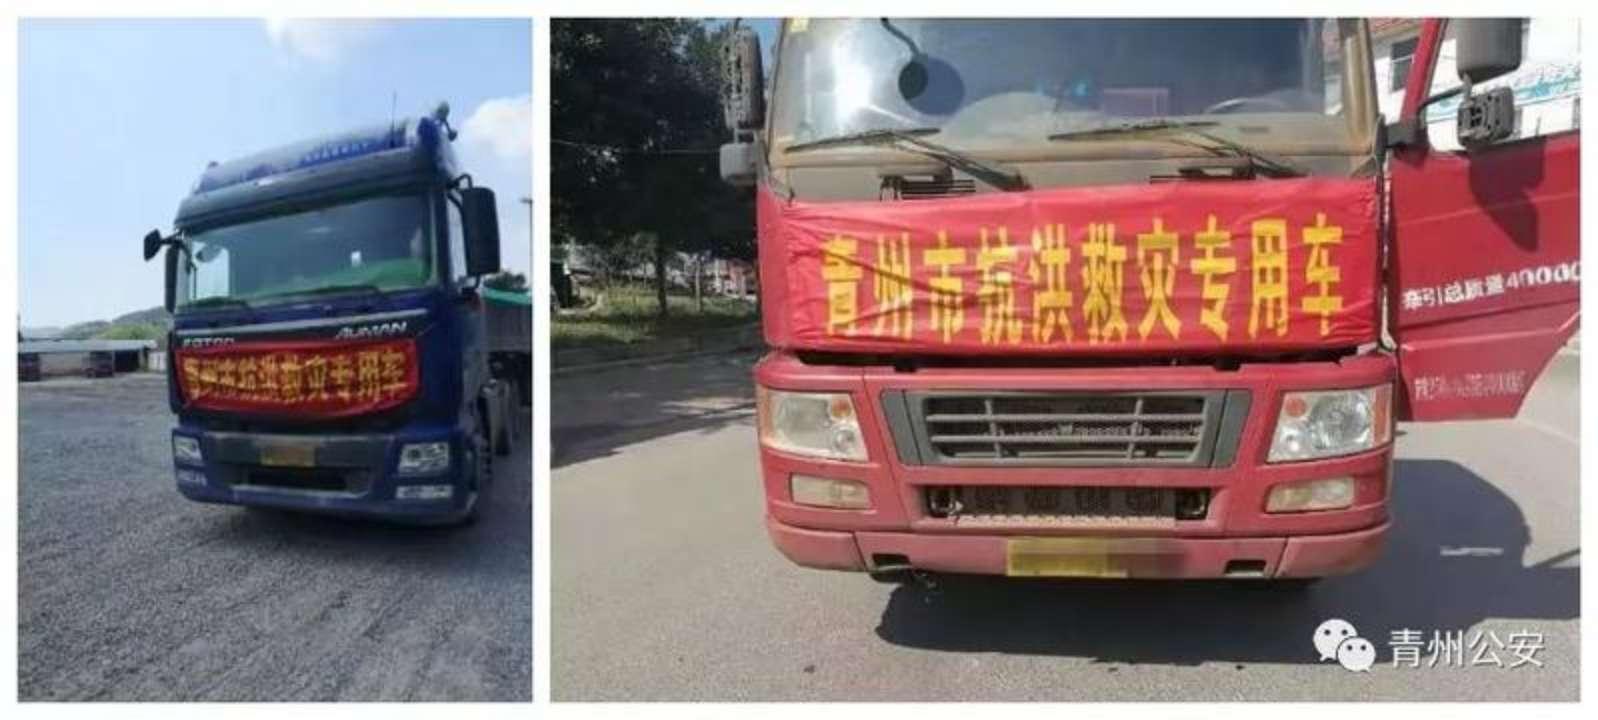 超载还冒充救灾车辆 青州警方查获五辆运输石料车